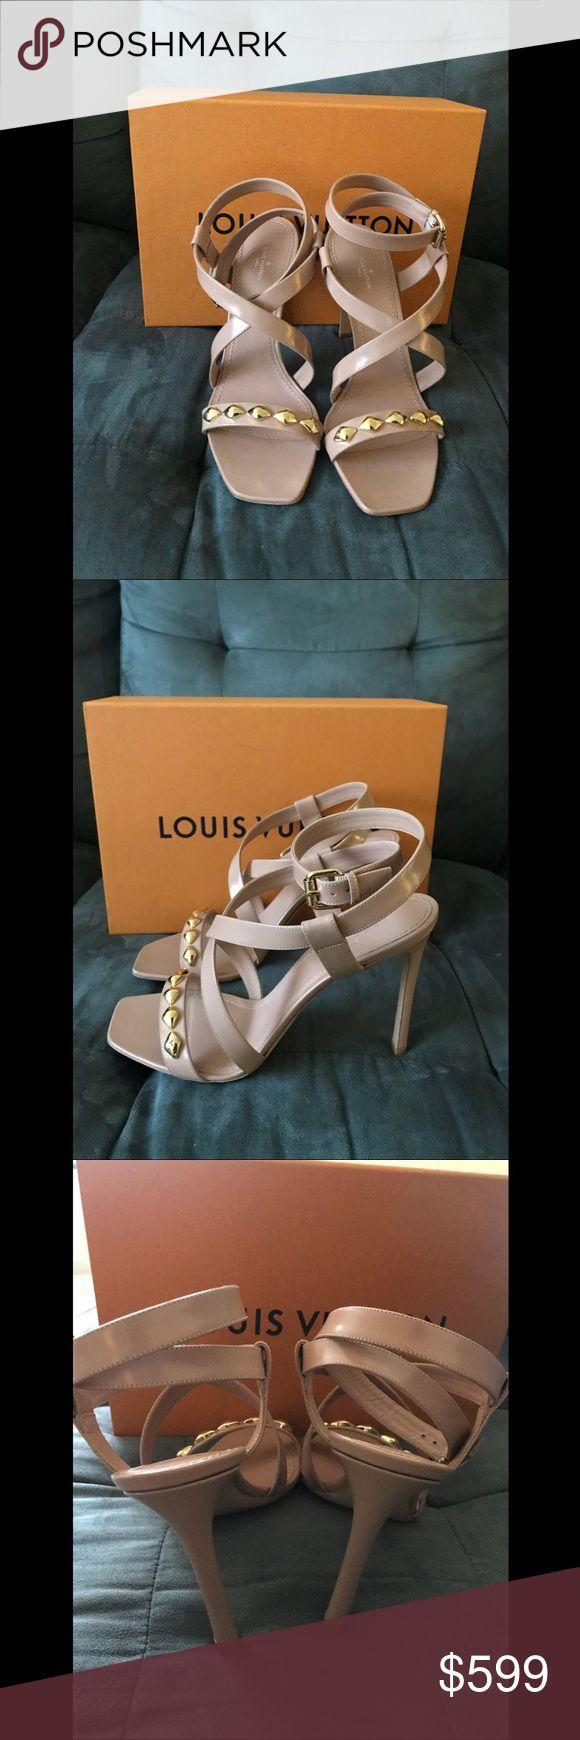 100% Authentic Louis Vuitton Unchain Ankle strap 100% Authentic Louis Vuitton Unchain Ankle strap sandals in beige. US11. Louis Vuitton Shoes Sandals